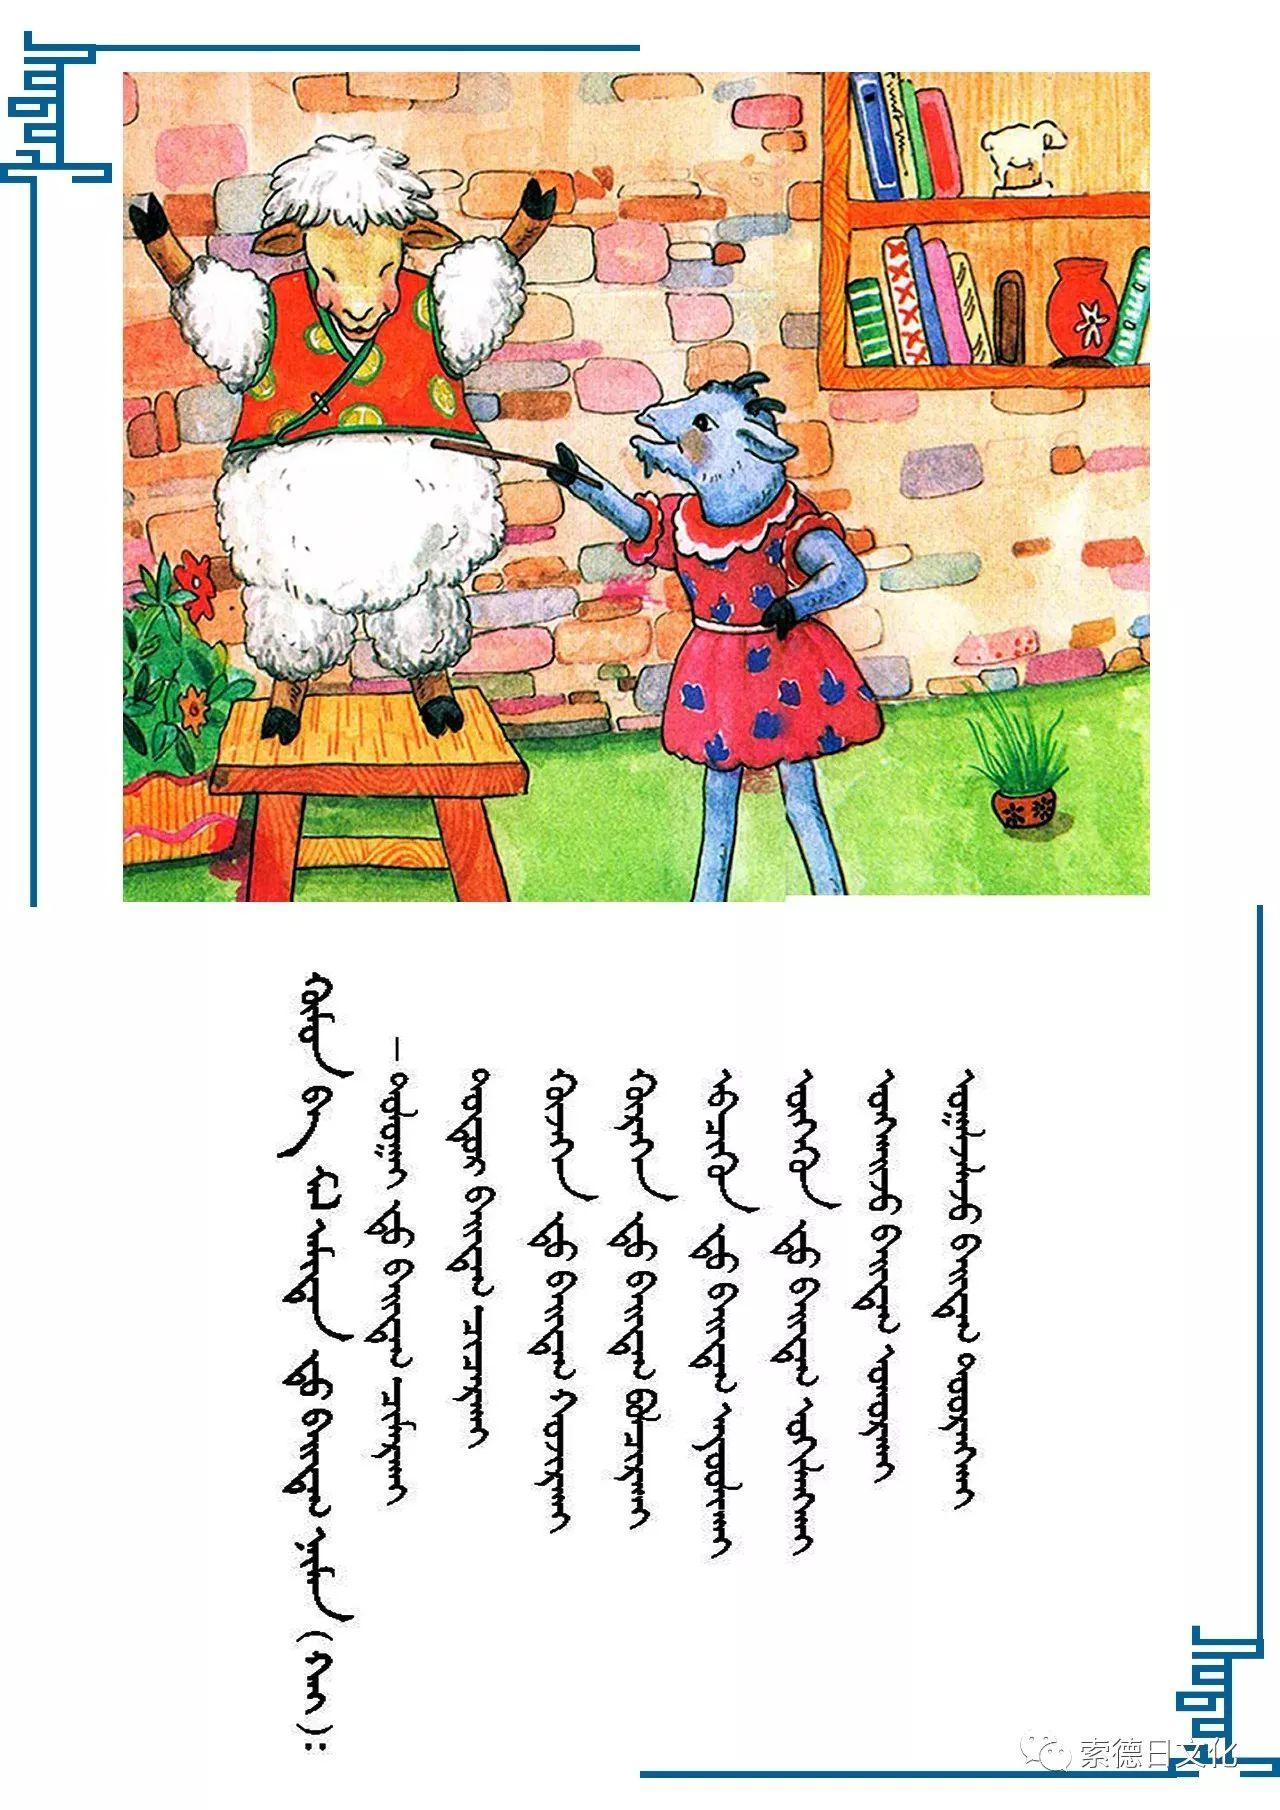 蒙古欢悦词 — 插图版 第4张 蒙古欢悦词 — 插图版 蒙古文库